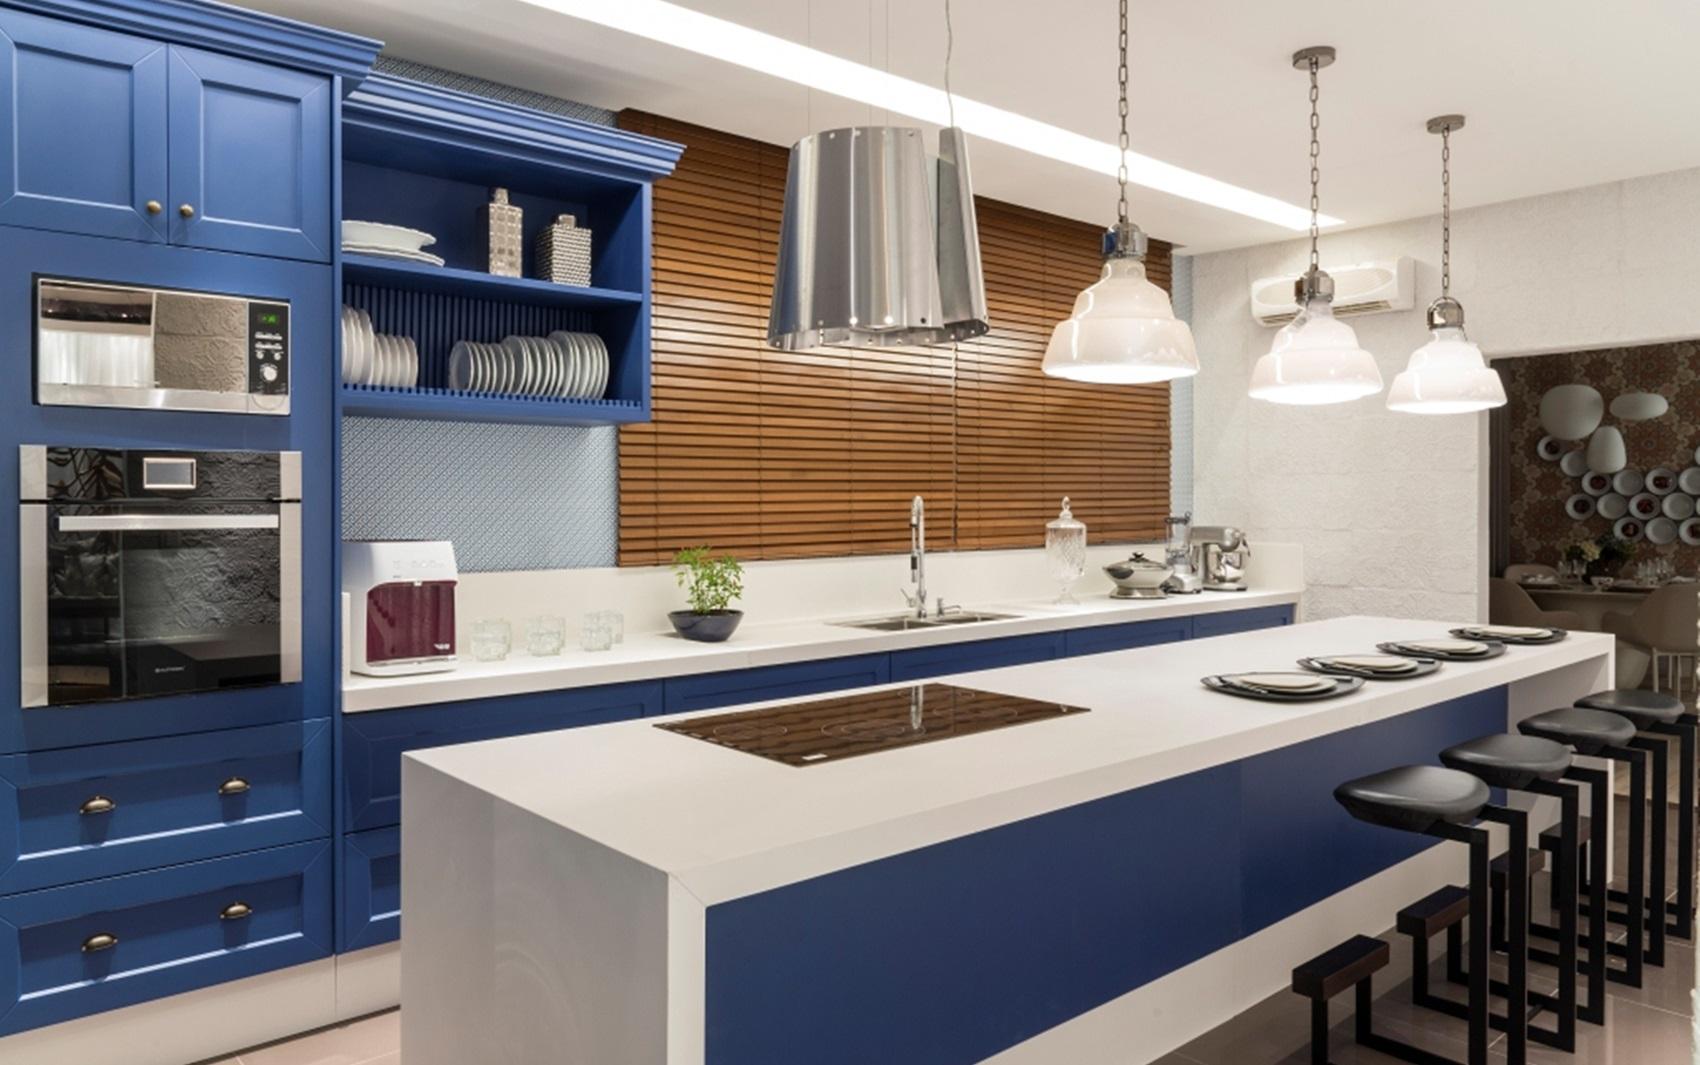 Espaço 'Cozinha' traz ideia de decoração com cores fortes na Casa  #8A613E 1700 1065